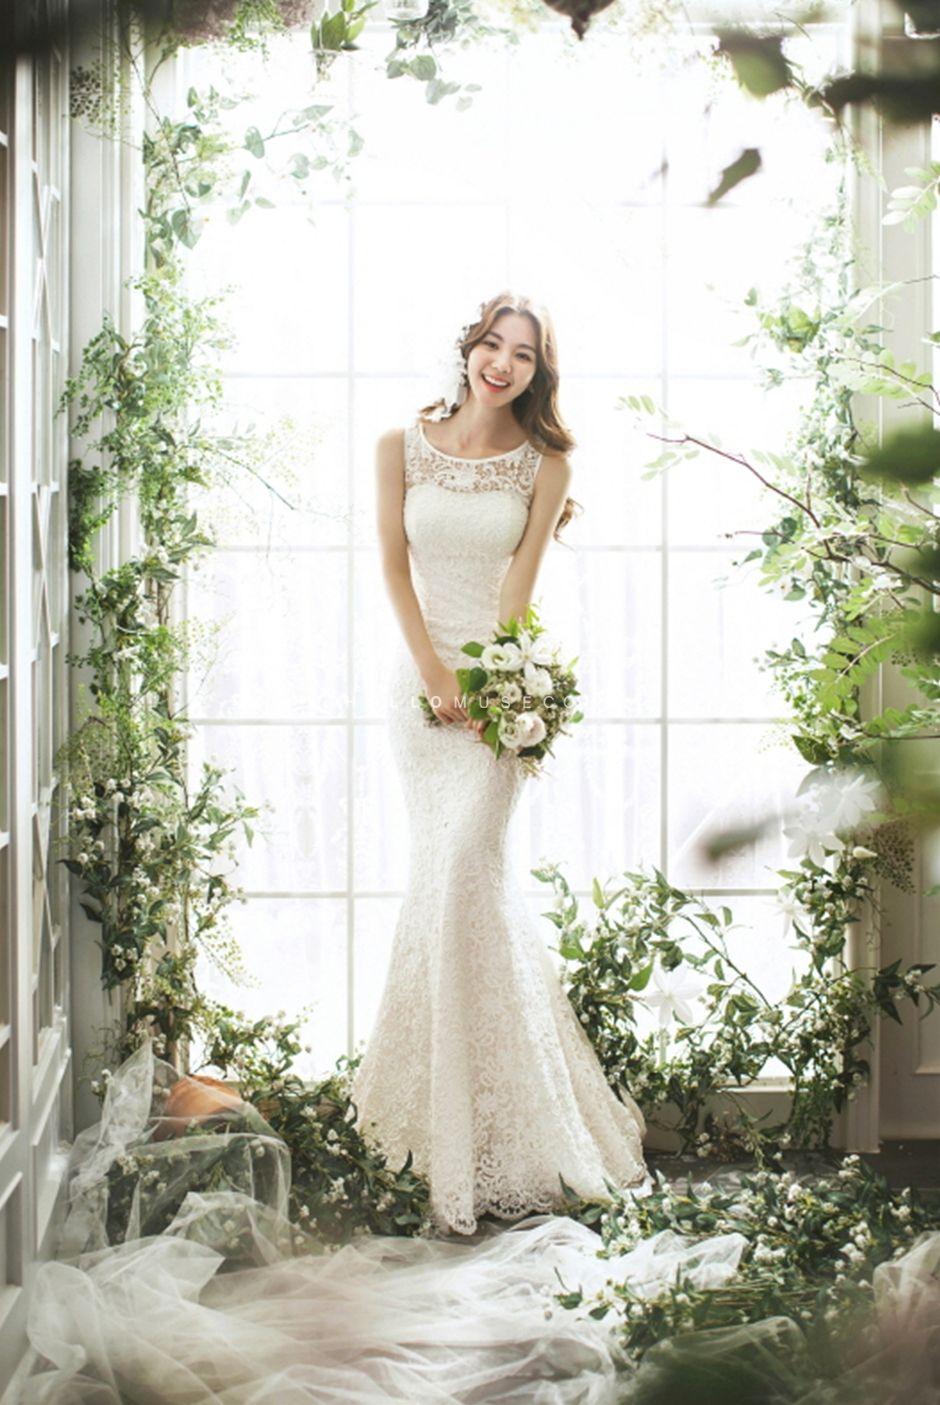 Korea pre wedding photo shoot package indoor and outdoor photo shoot, Korea indoor and outdoor